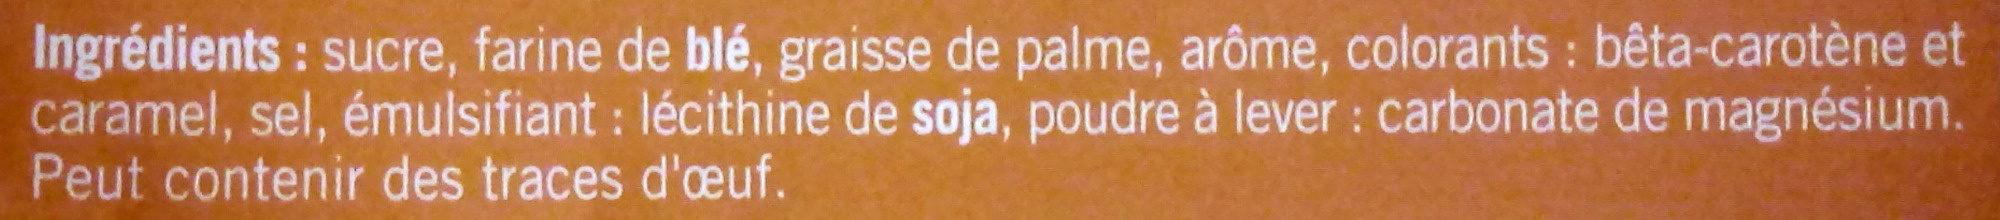 Gaufrettes parfum Noisette - Ingrédients - fr